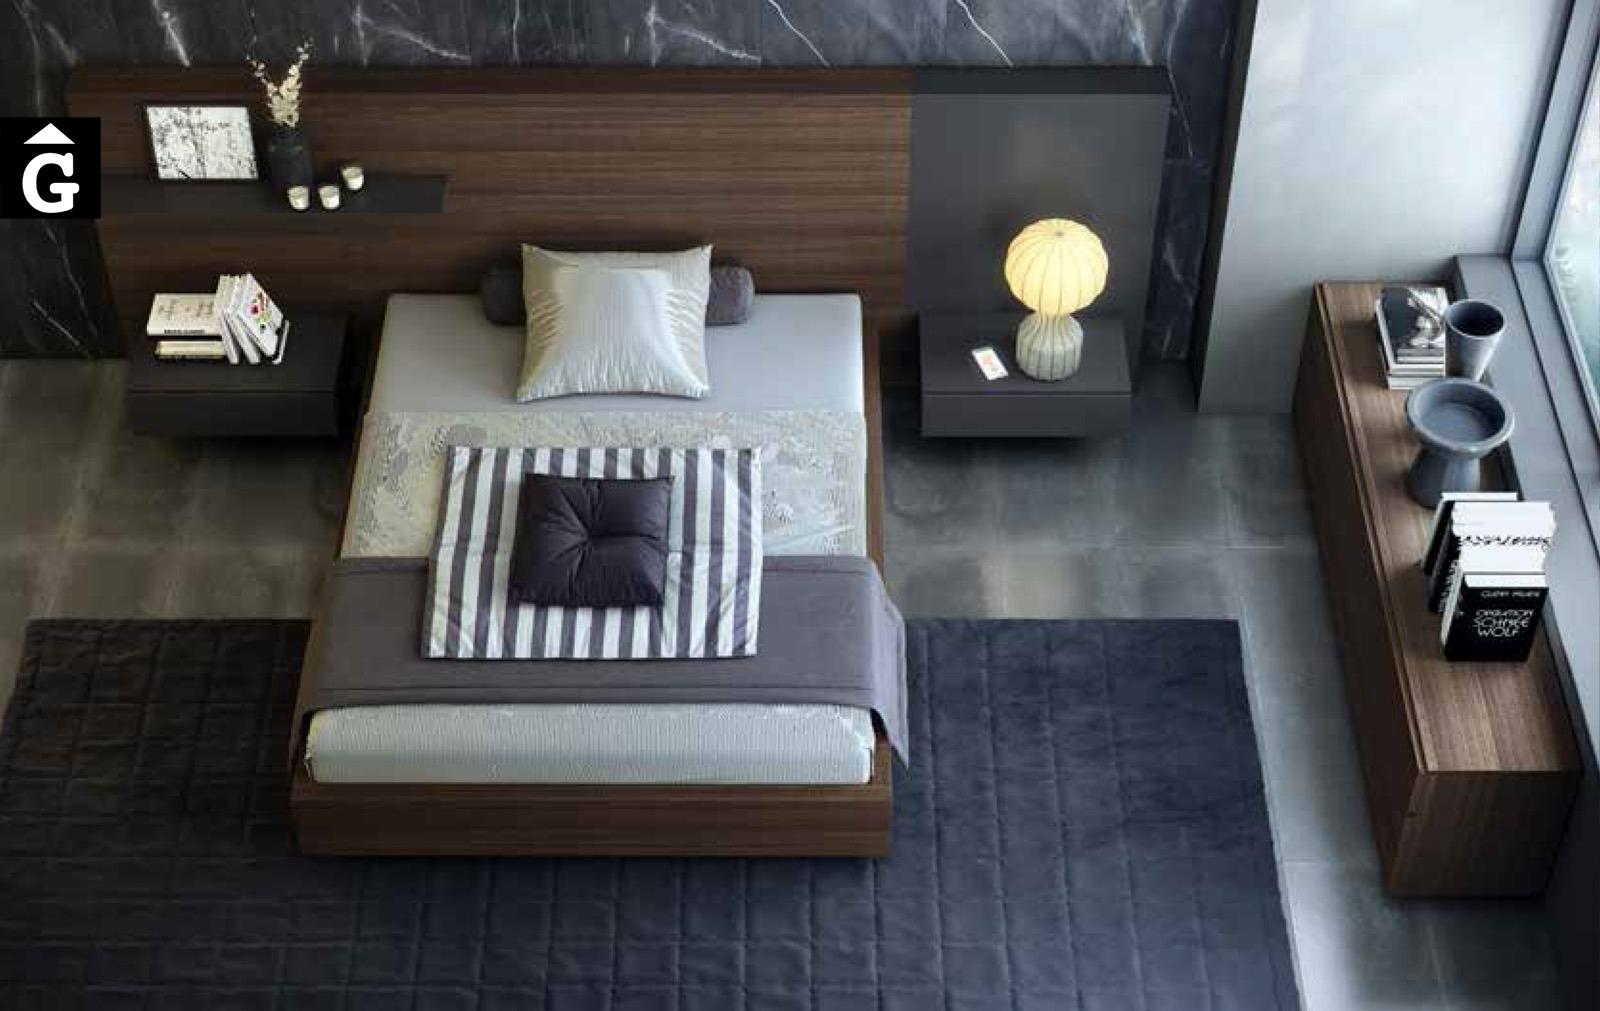 22 2 Area mobles Ciurans per mobles Gifreu programa modular disseny atemporal realitzat amb materials i ferratges de qualitat estil modern minimal